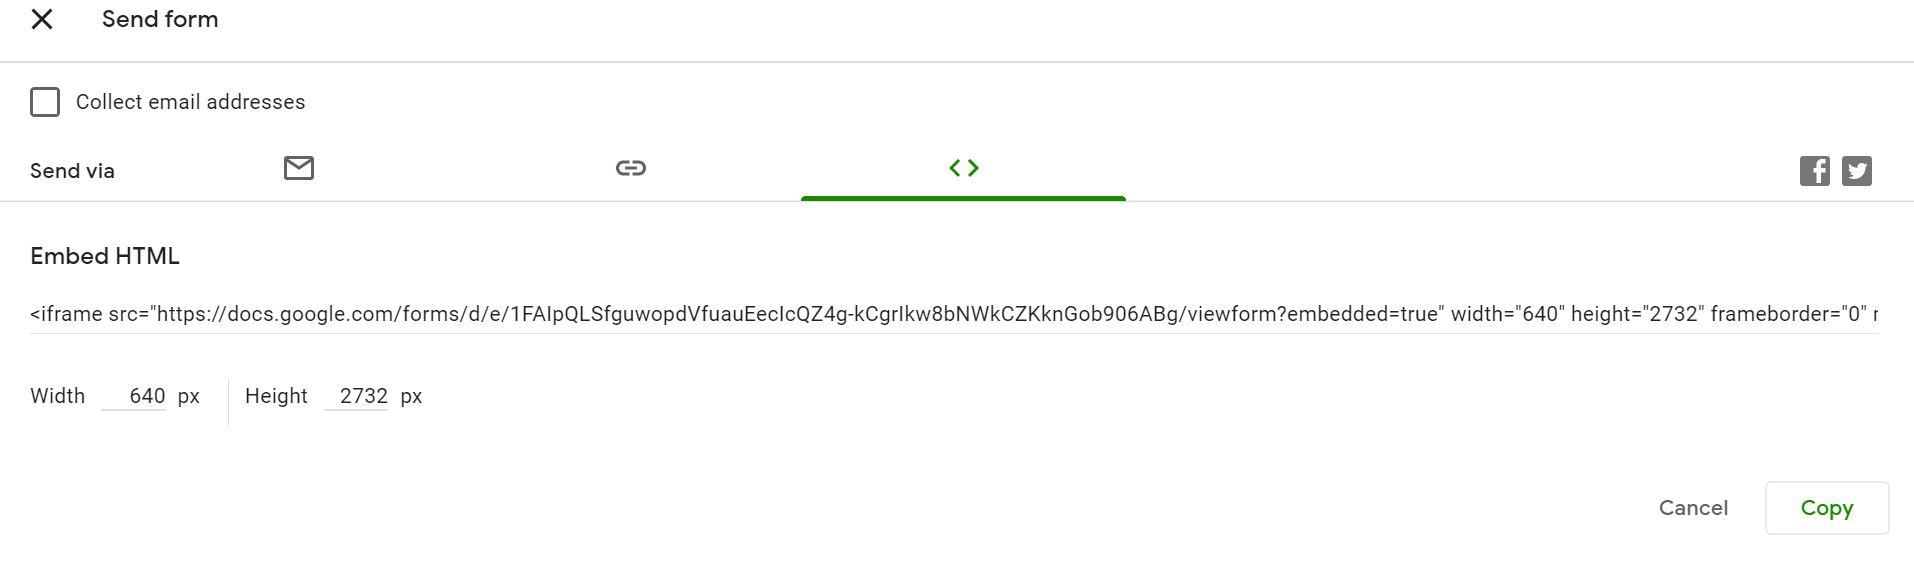 انتشار از طریق کد HTML